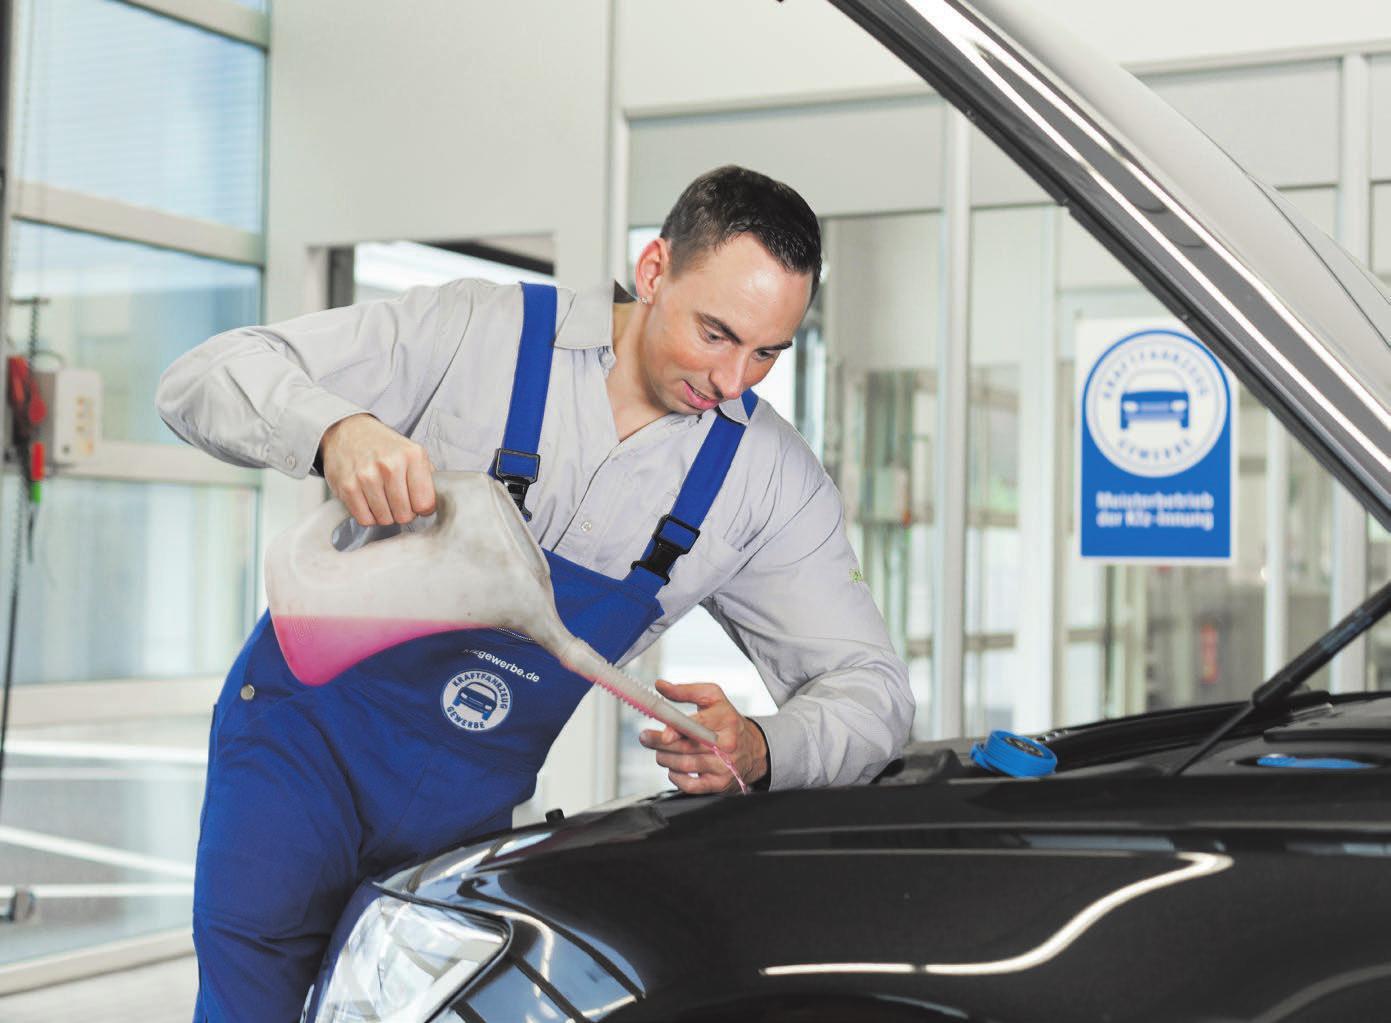 Vor der Fahrt in den Urlaub sollte das Auto in der Werkstatt fit gemacht werden. Fotos: T. Volz